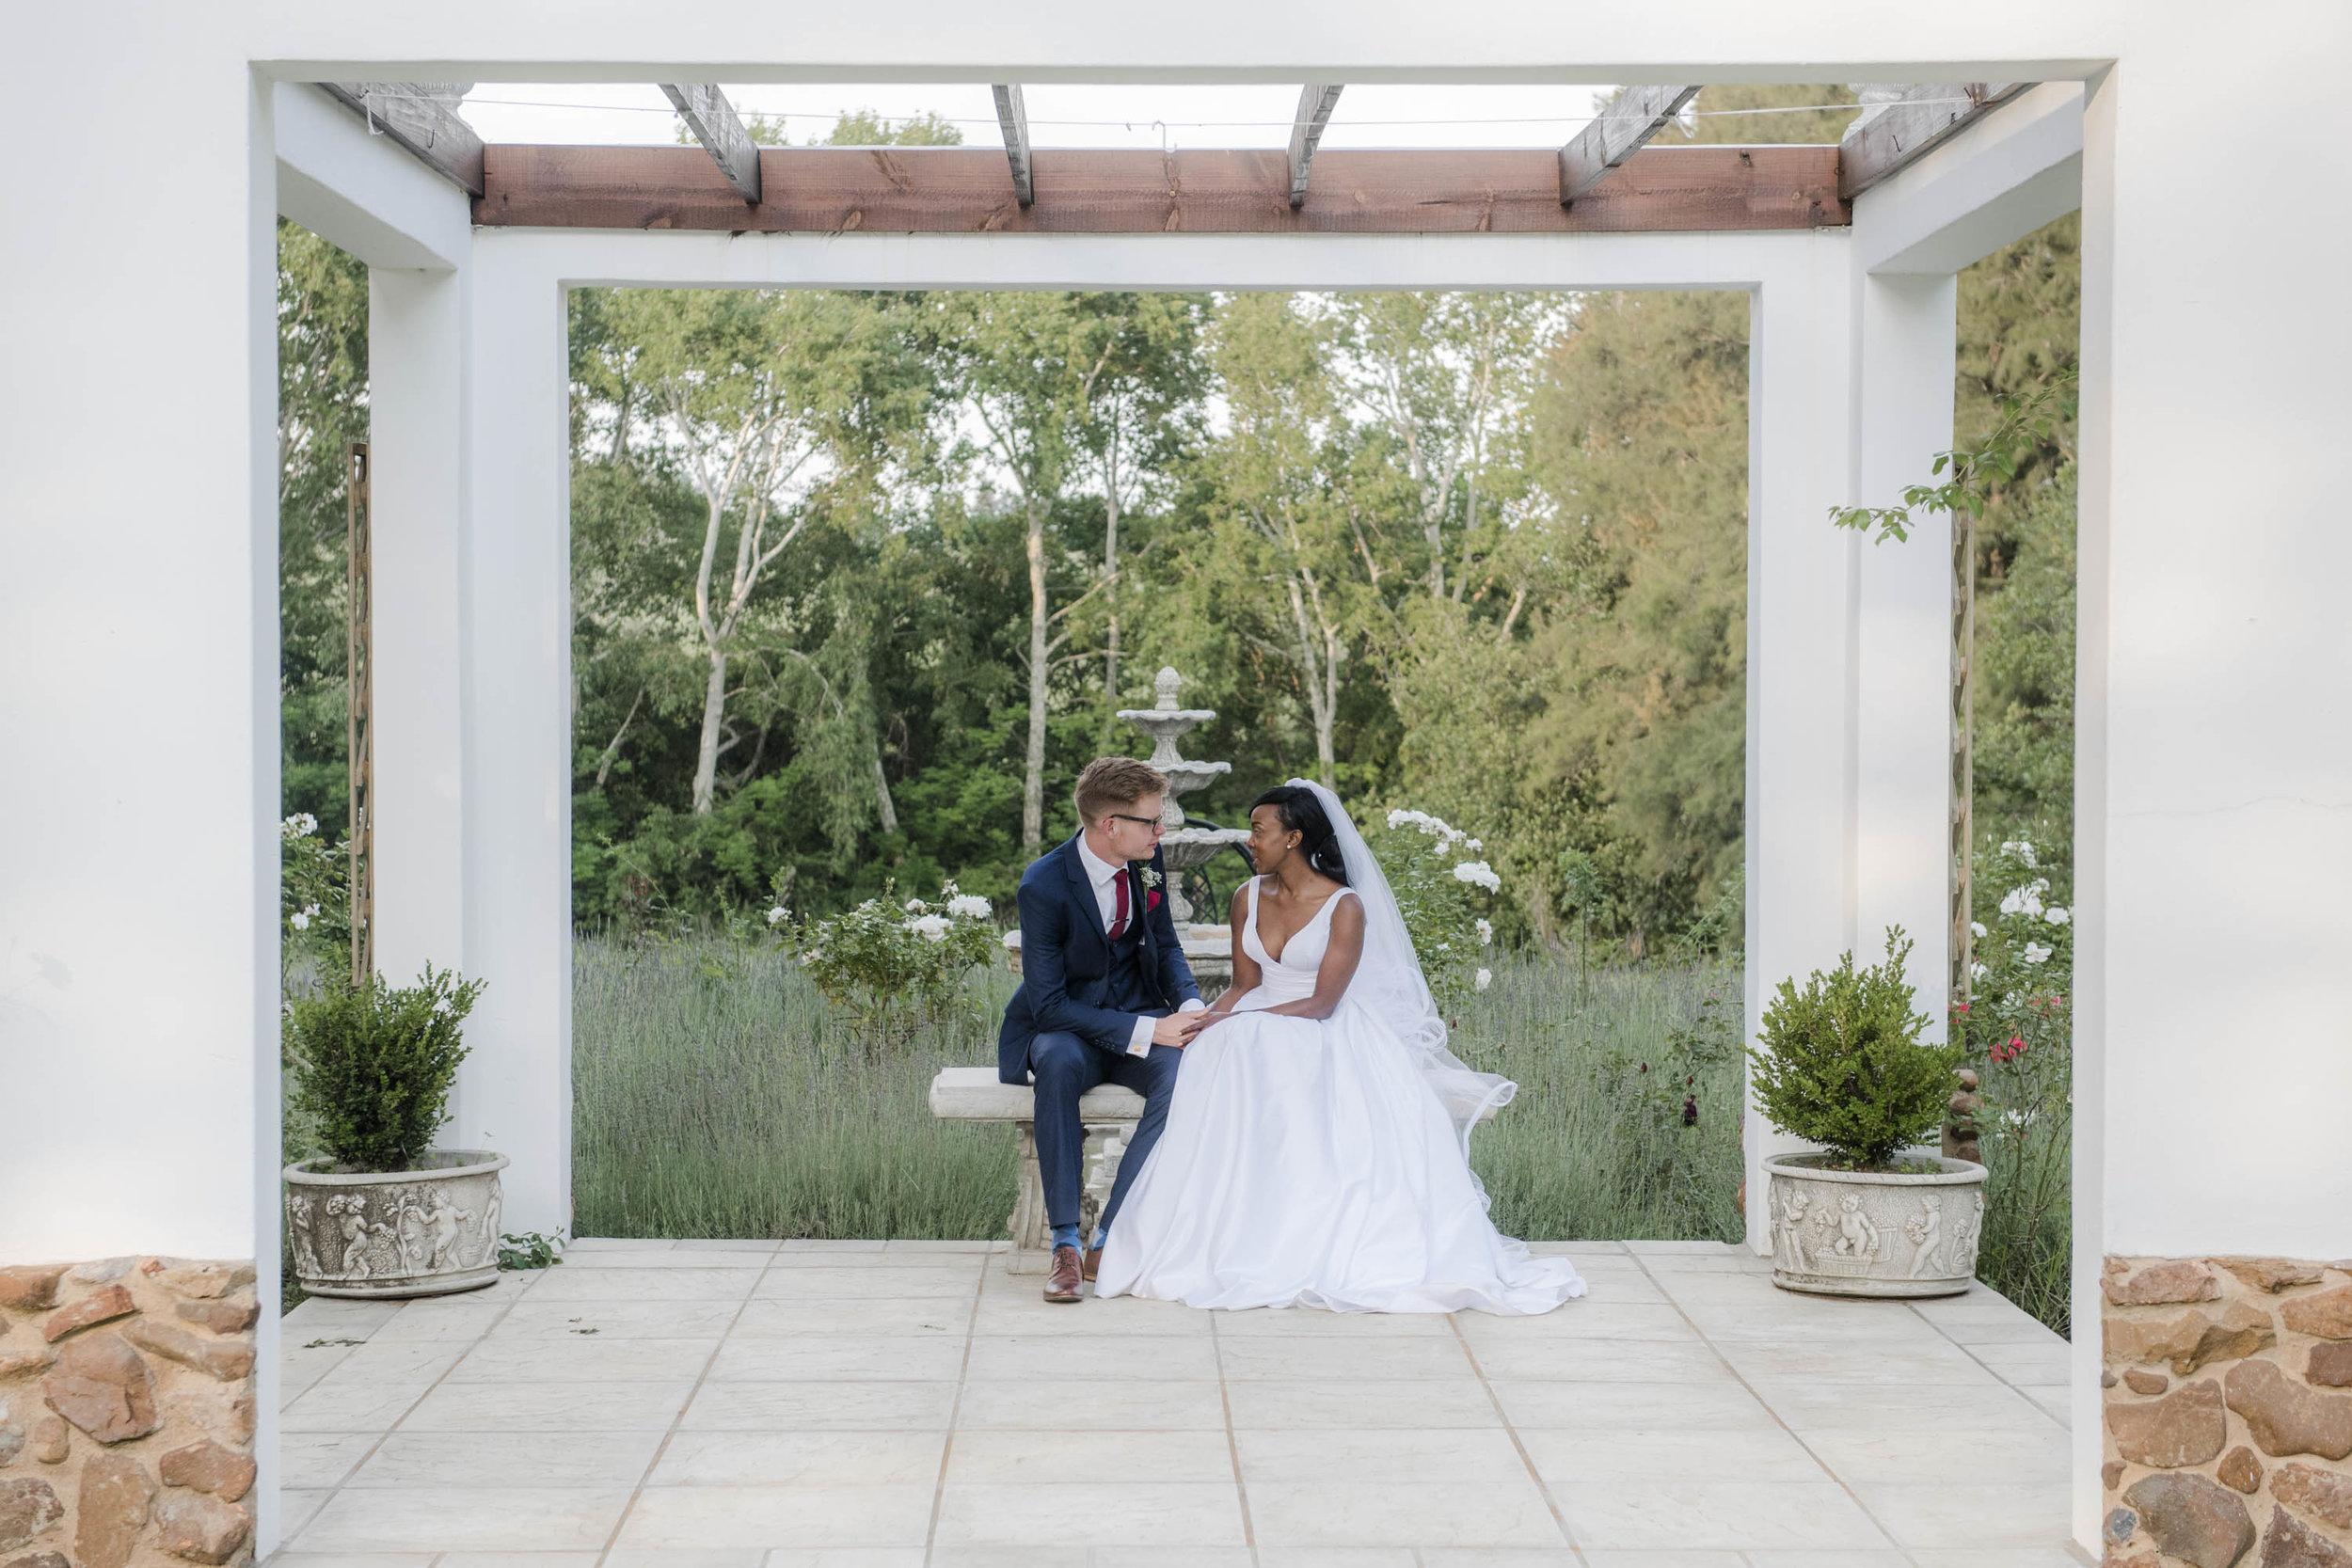 083-gauteng-wedding-photographers.JPG